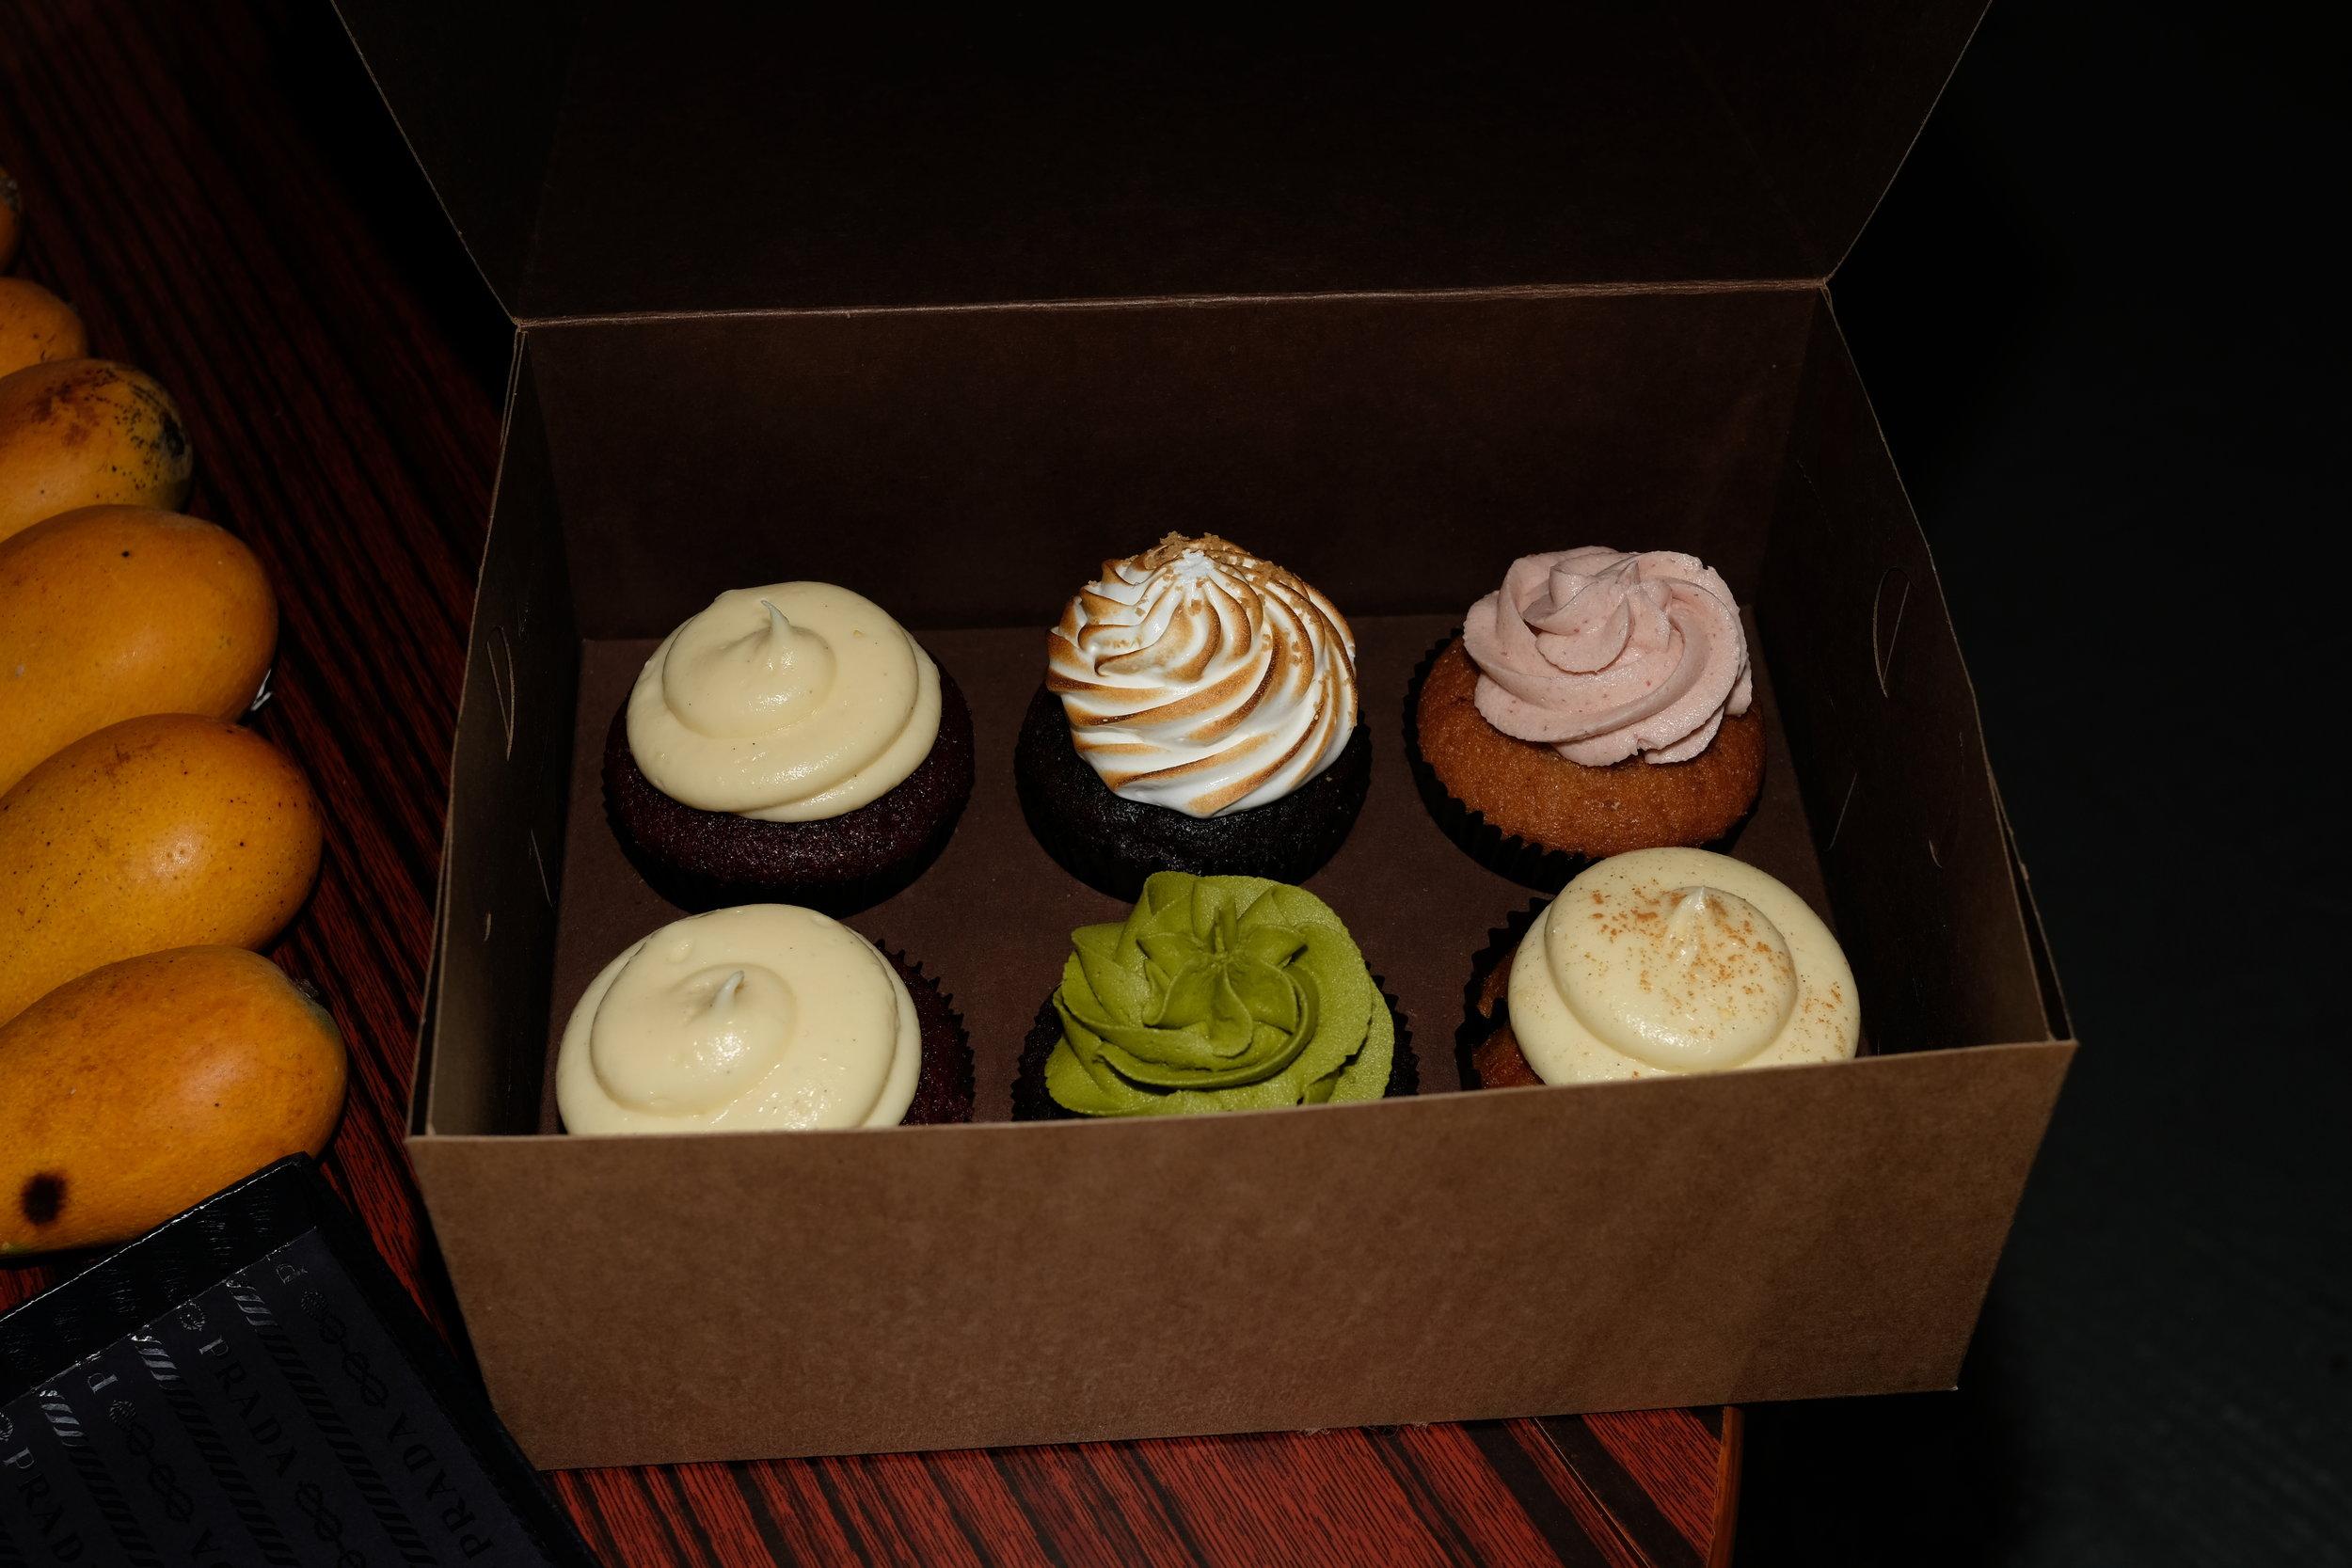 Birthday Cupcakes, 2019